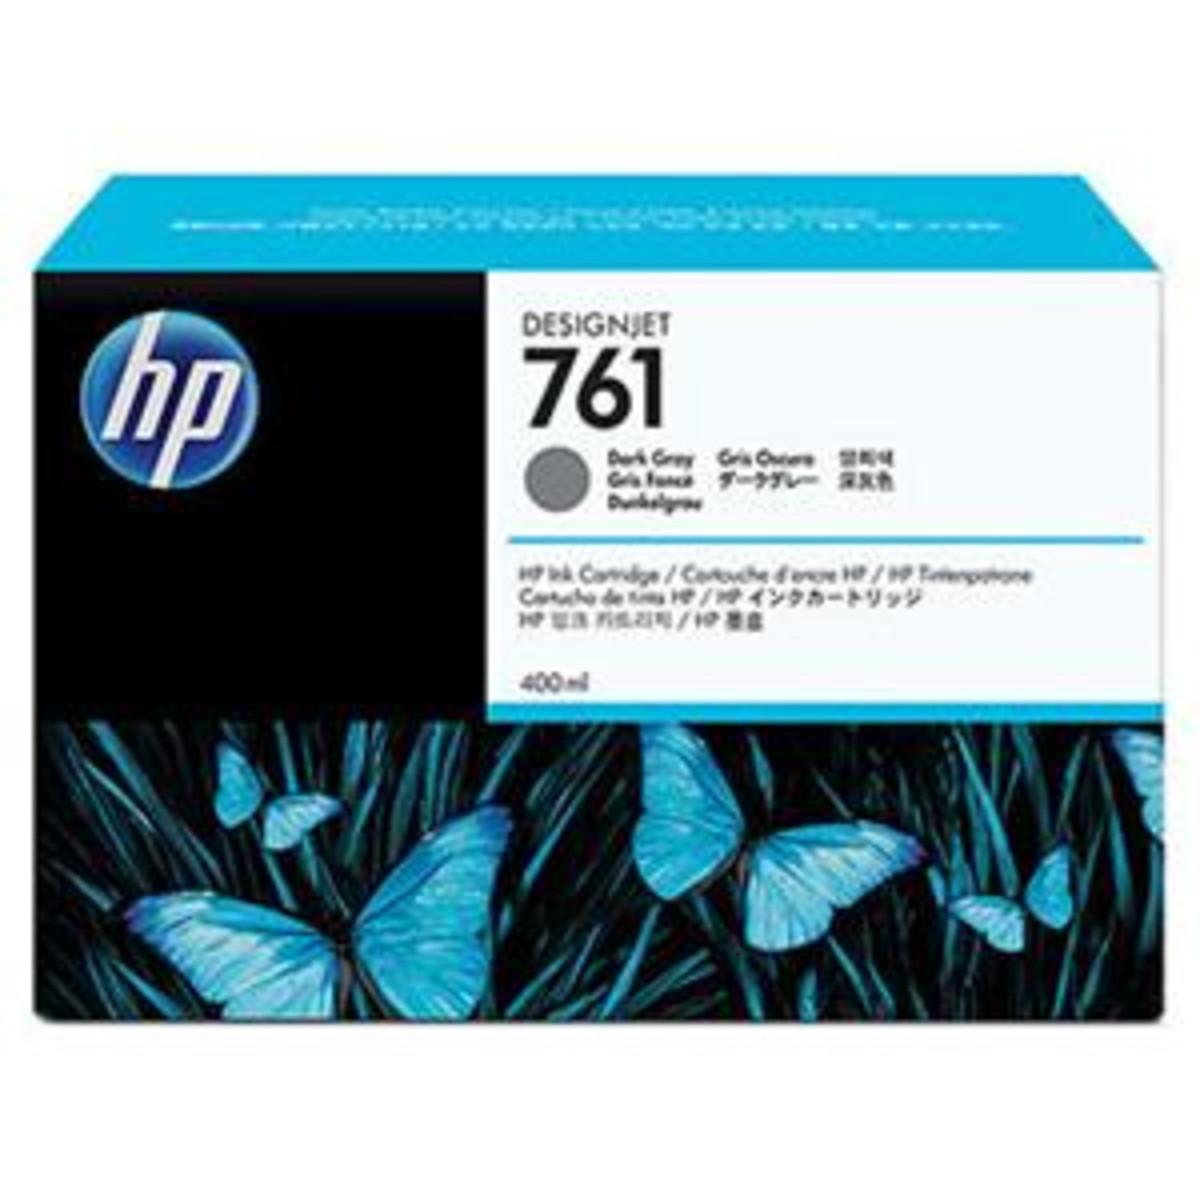 HP 761 (CN074A) Dark Grey Print Ink Cartridge